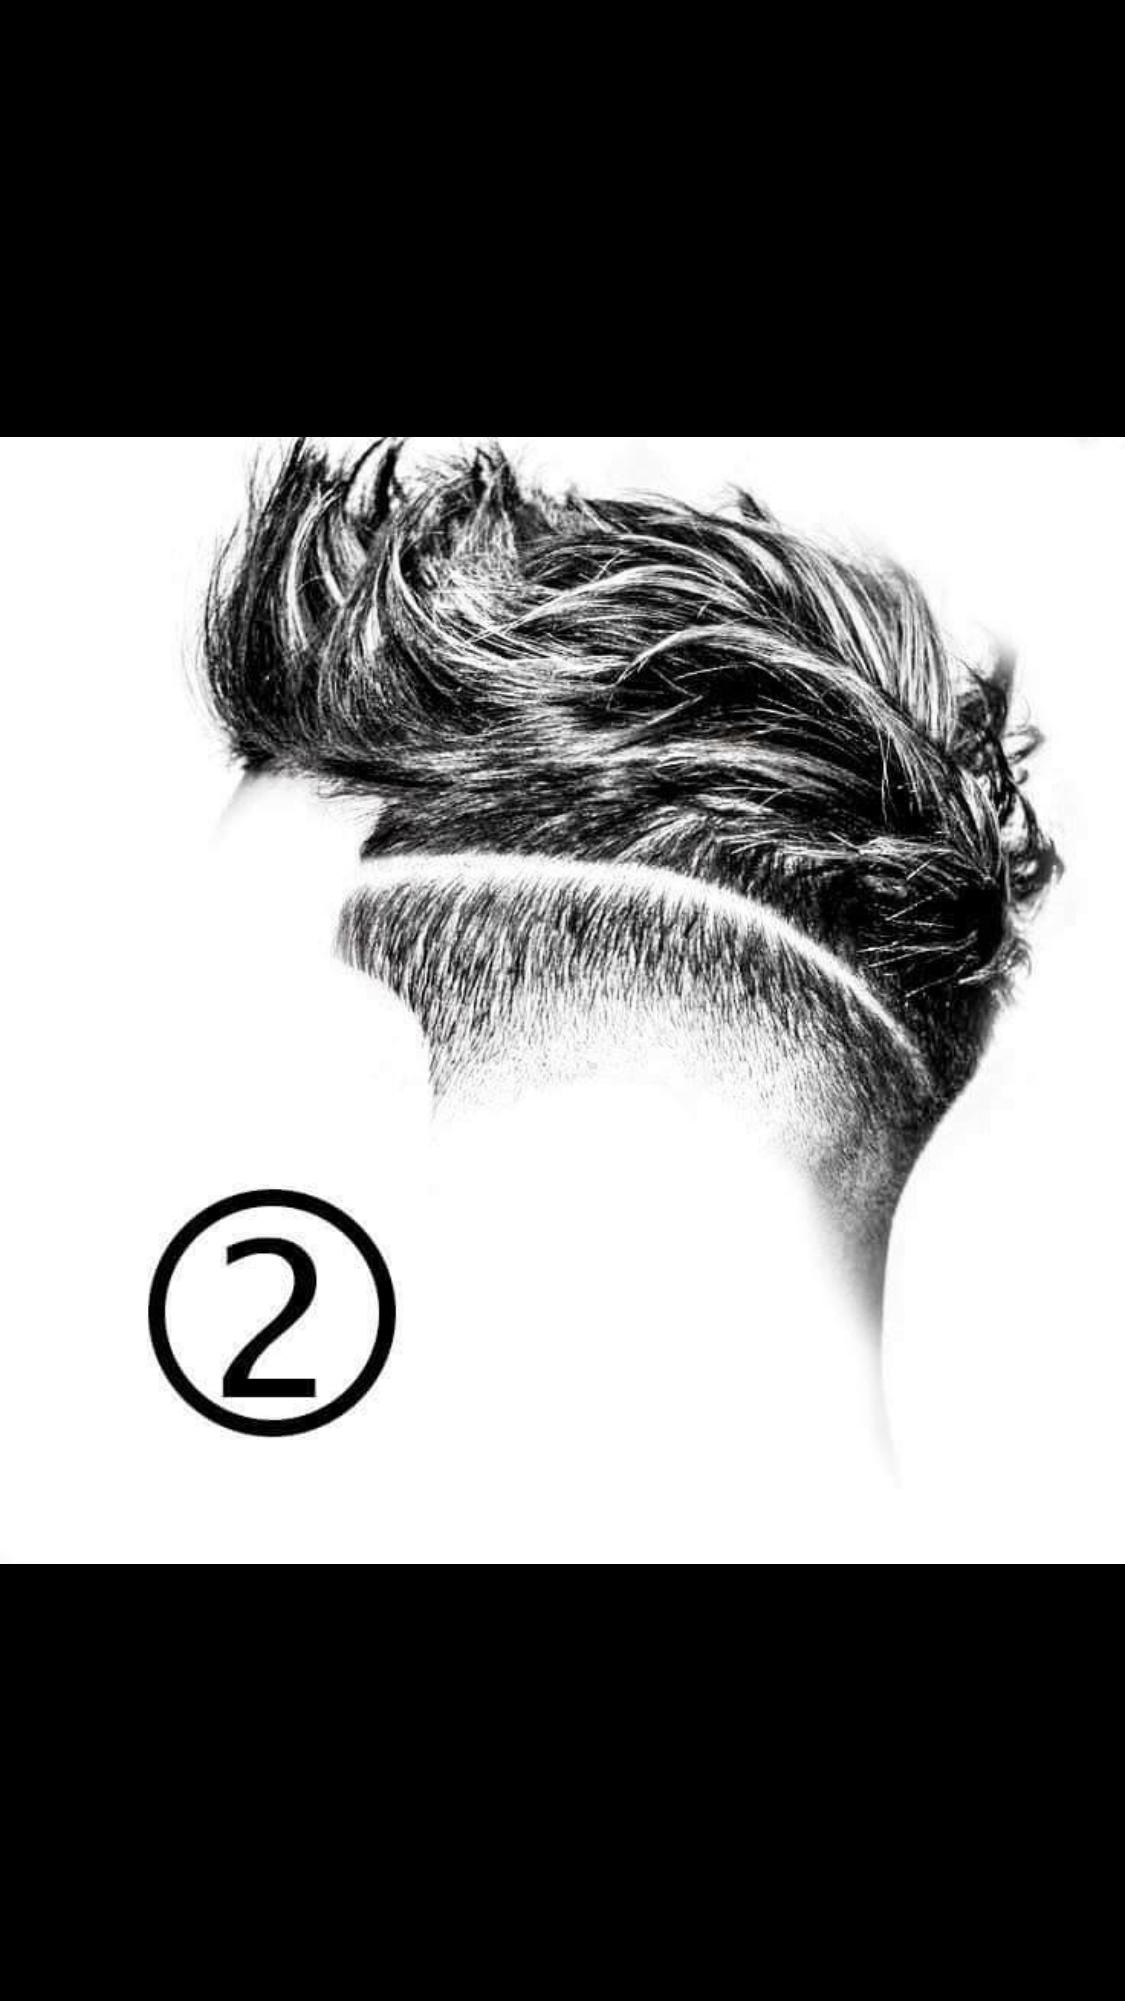 Boy S Hear Style Collection Wapnil Beard Colour Hear Style Fade Haircut Styles